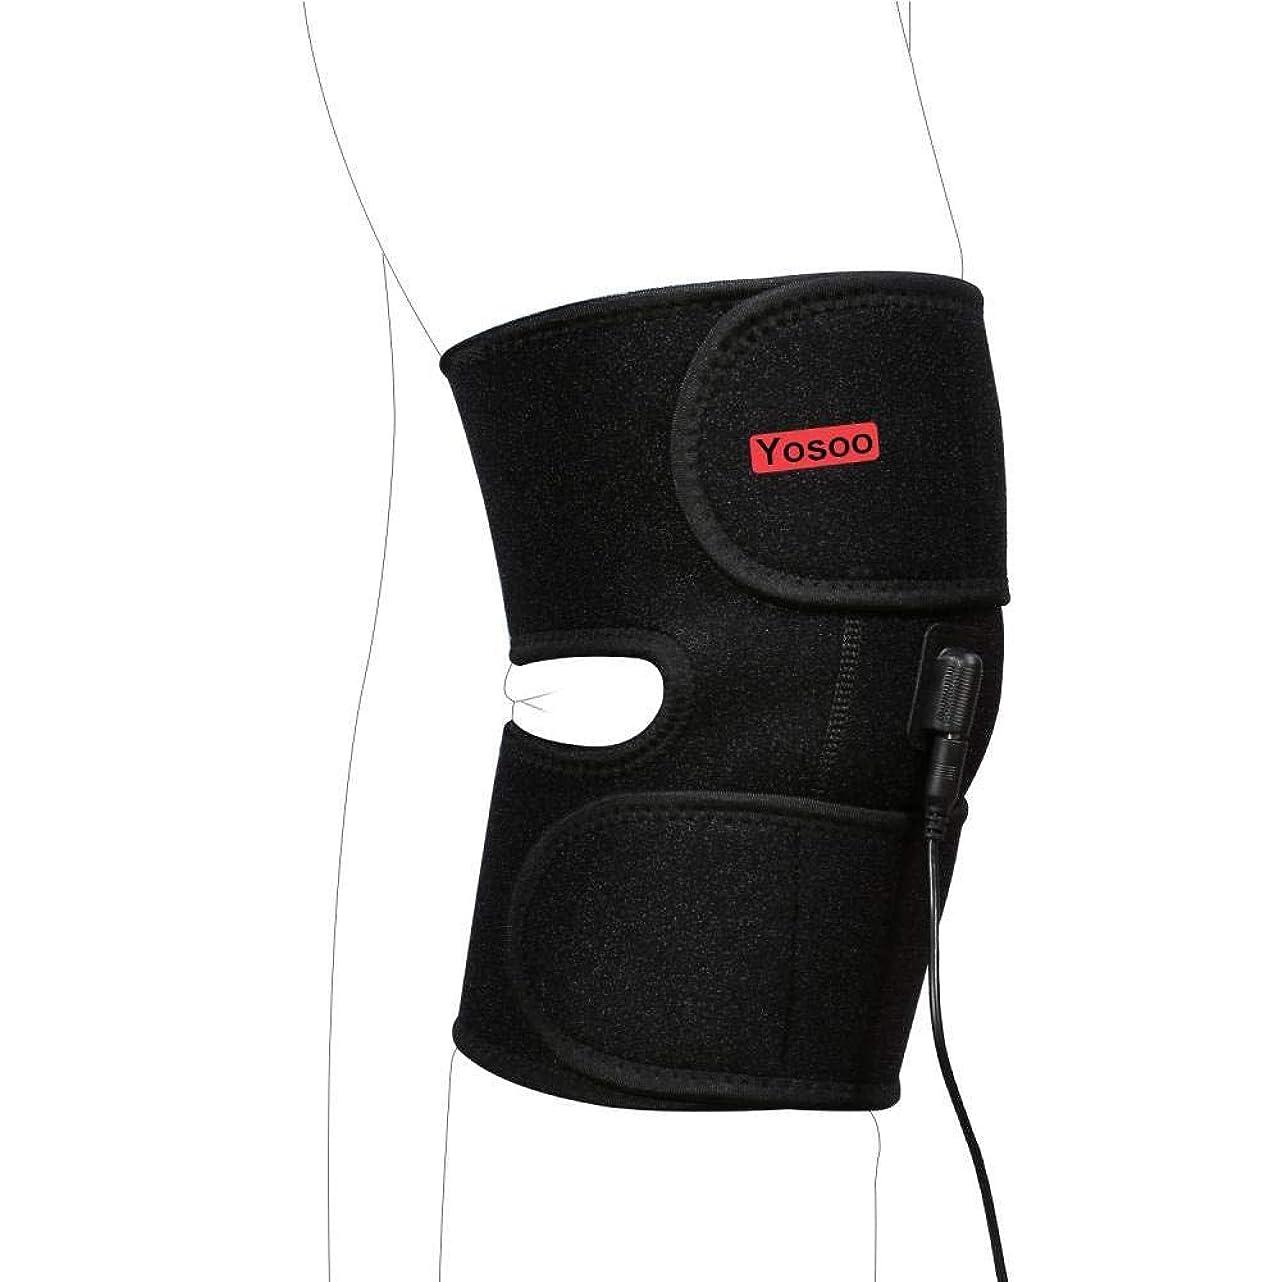 かまど確認する血まみれの調節式膝ヒートパッド ヒートセラピーニーラップブレース 温熱療法 1.5M USB充電可 膝痛み緩和 40℃-45℃ 過熱保護 ラップ幅調節可能 洗濯可能